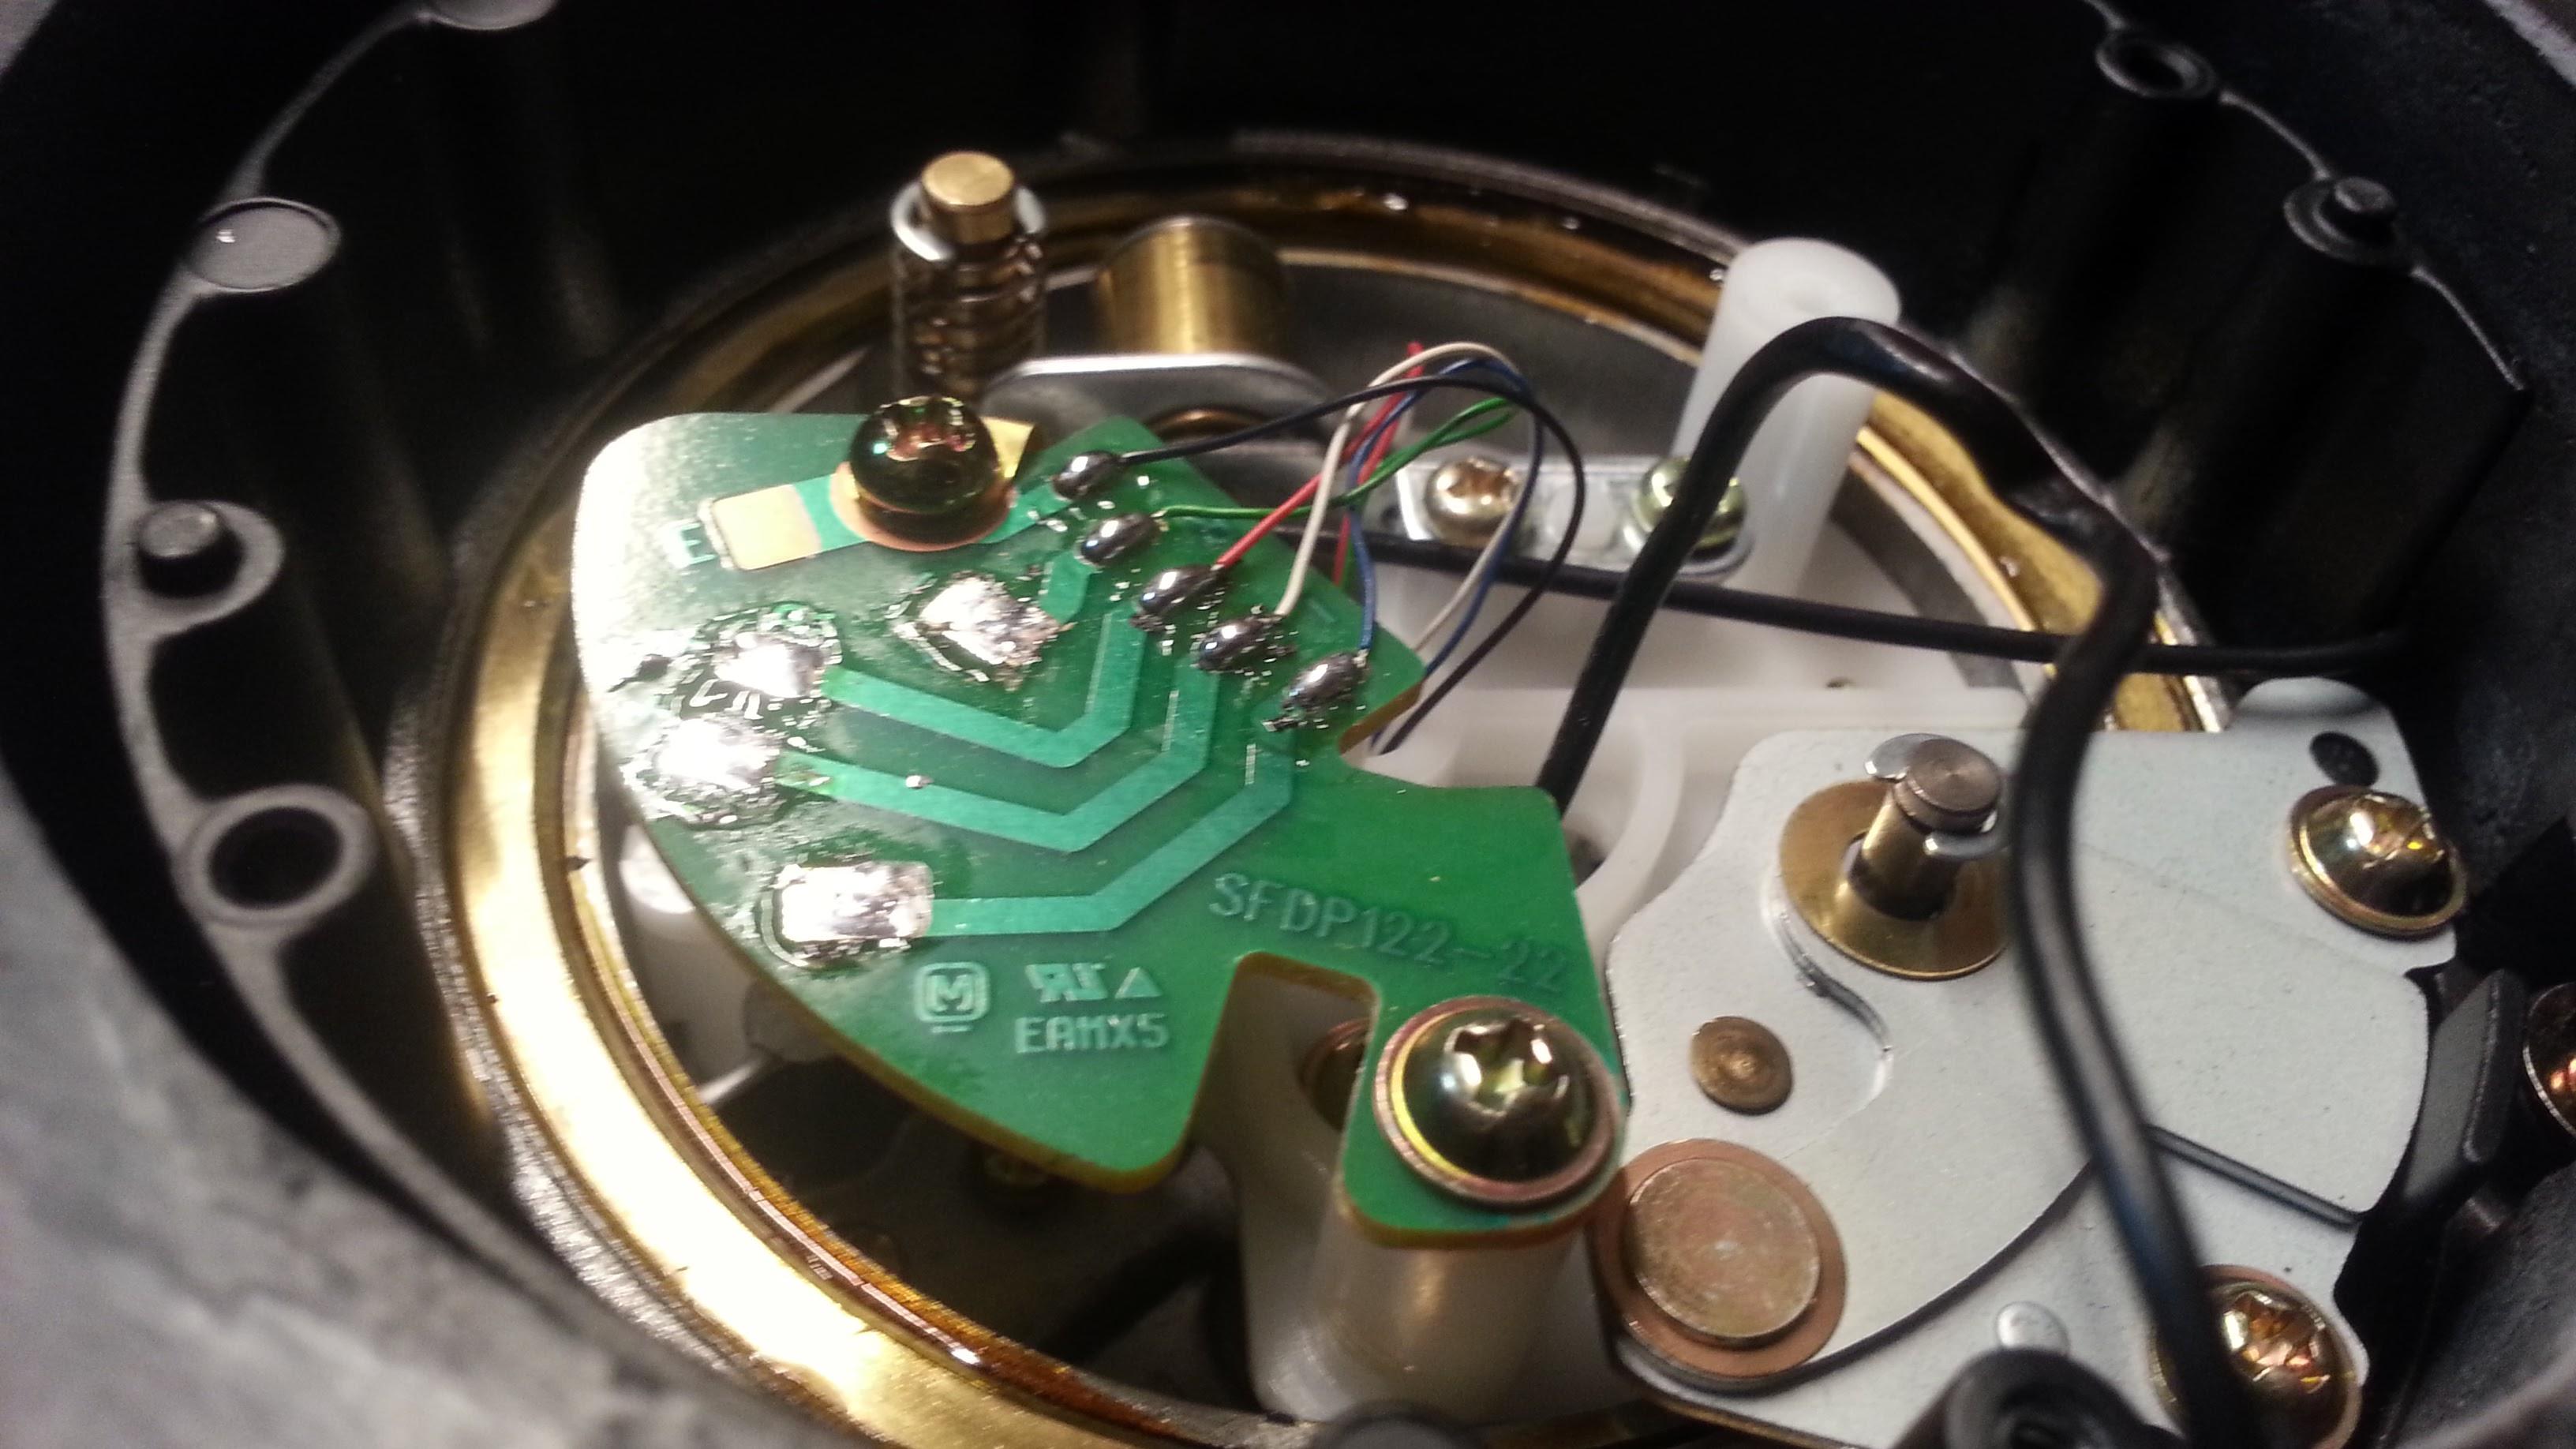 Sustitución cable de audio en Technics | David Santander Franco